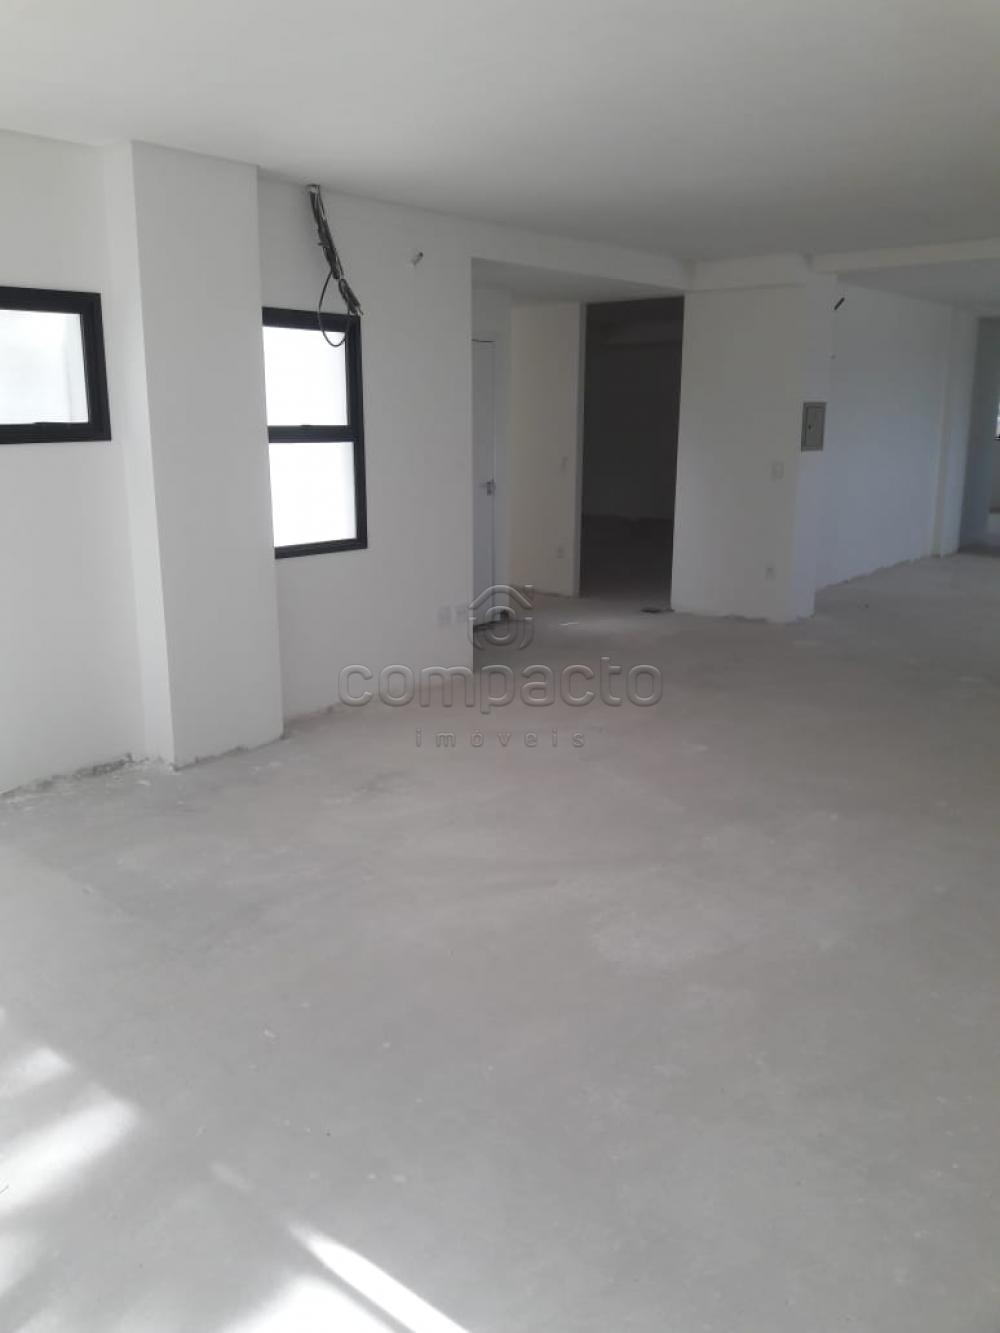 Alugar Comercial / Sala/Loja Condomínio em São José do Rio Preto apenas R$ 14.500,00 - Foto 4